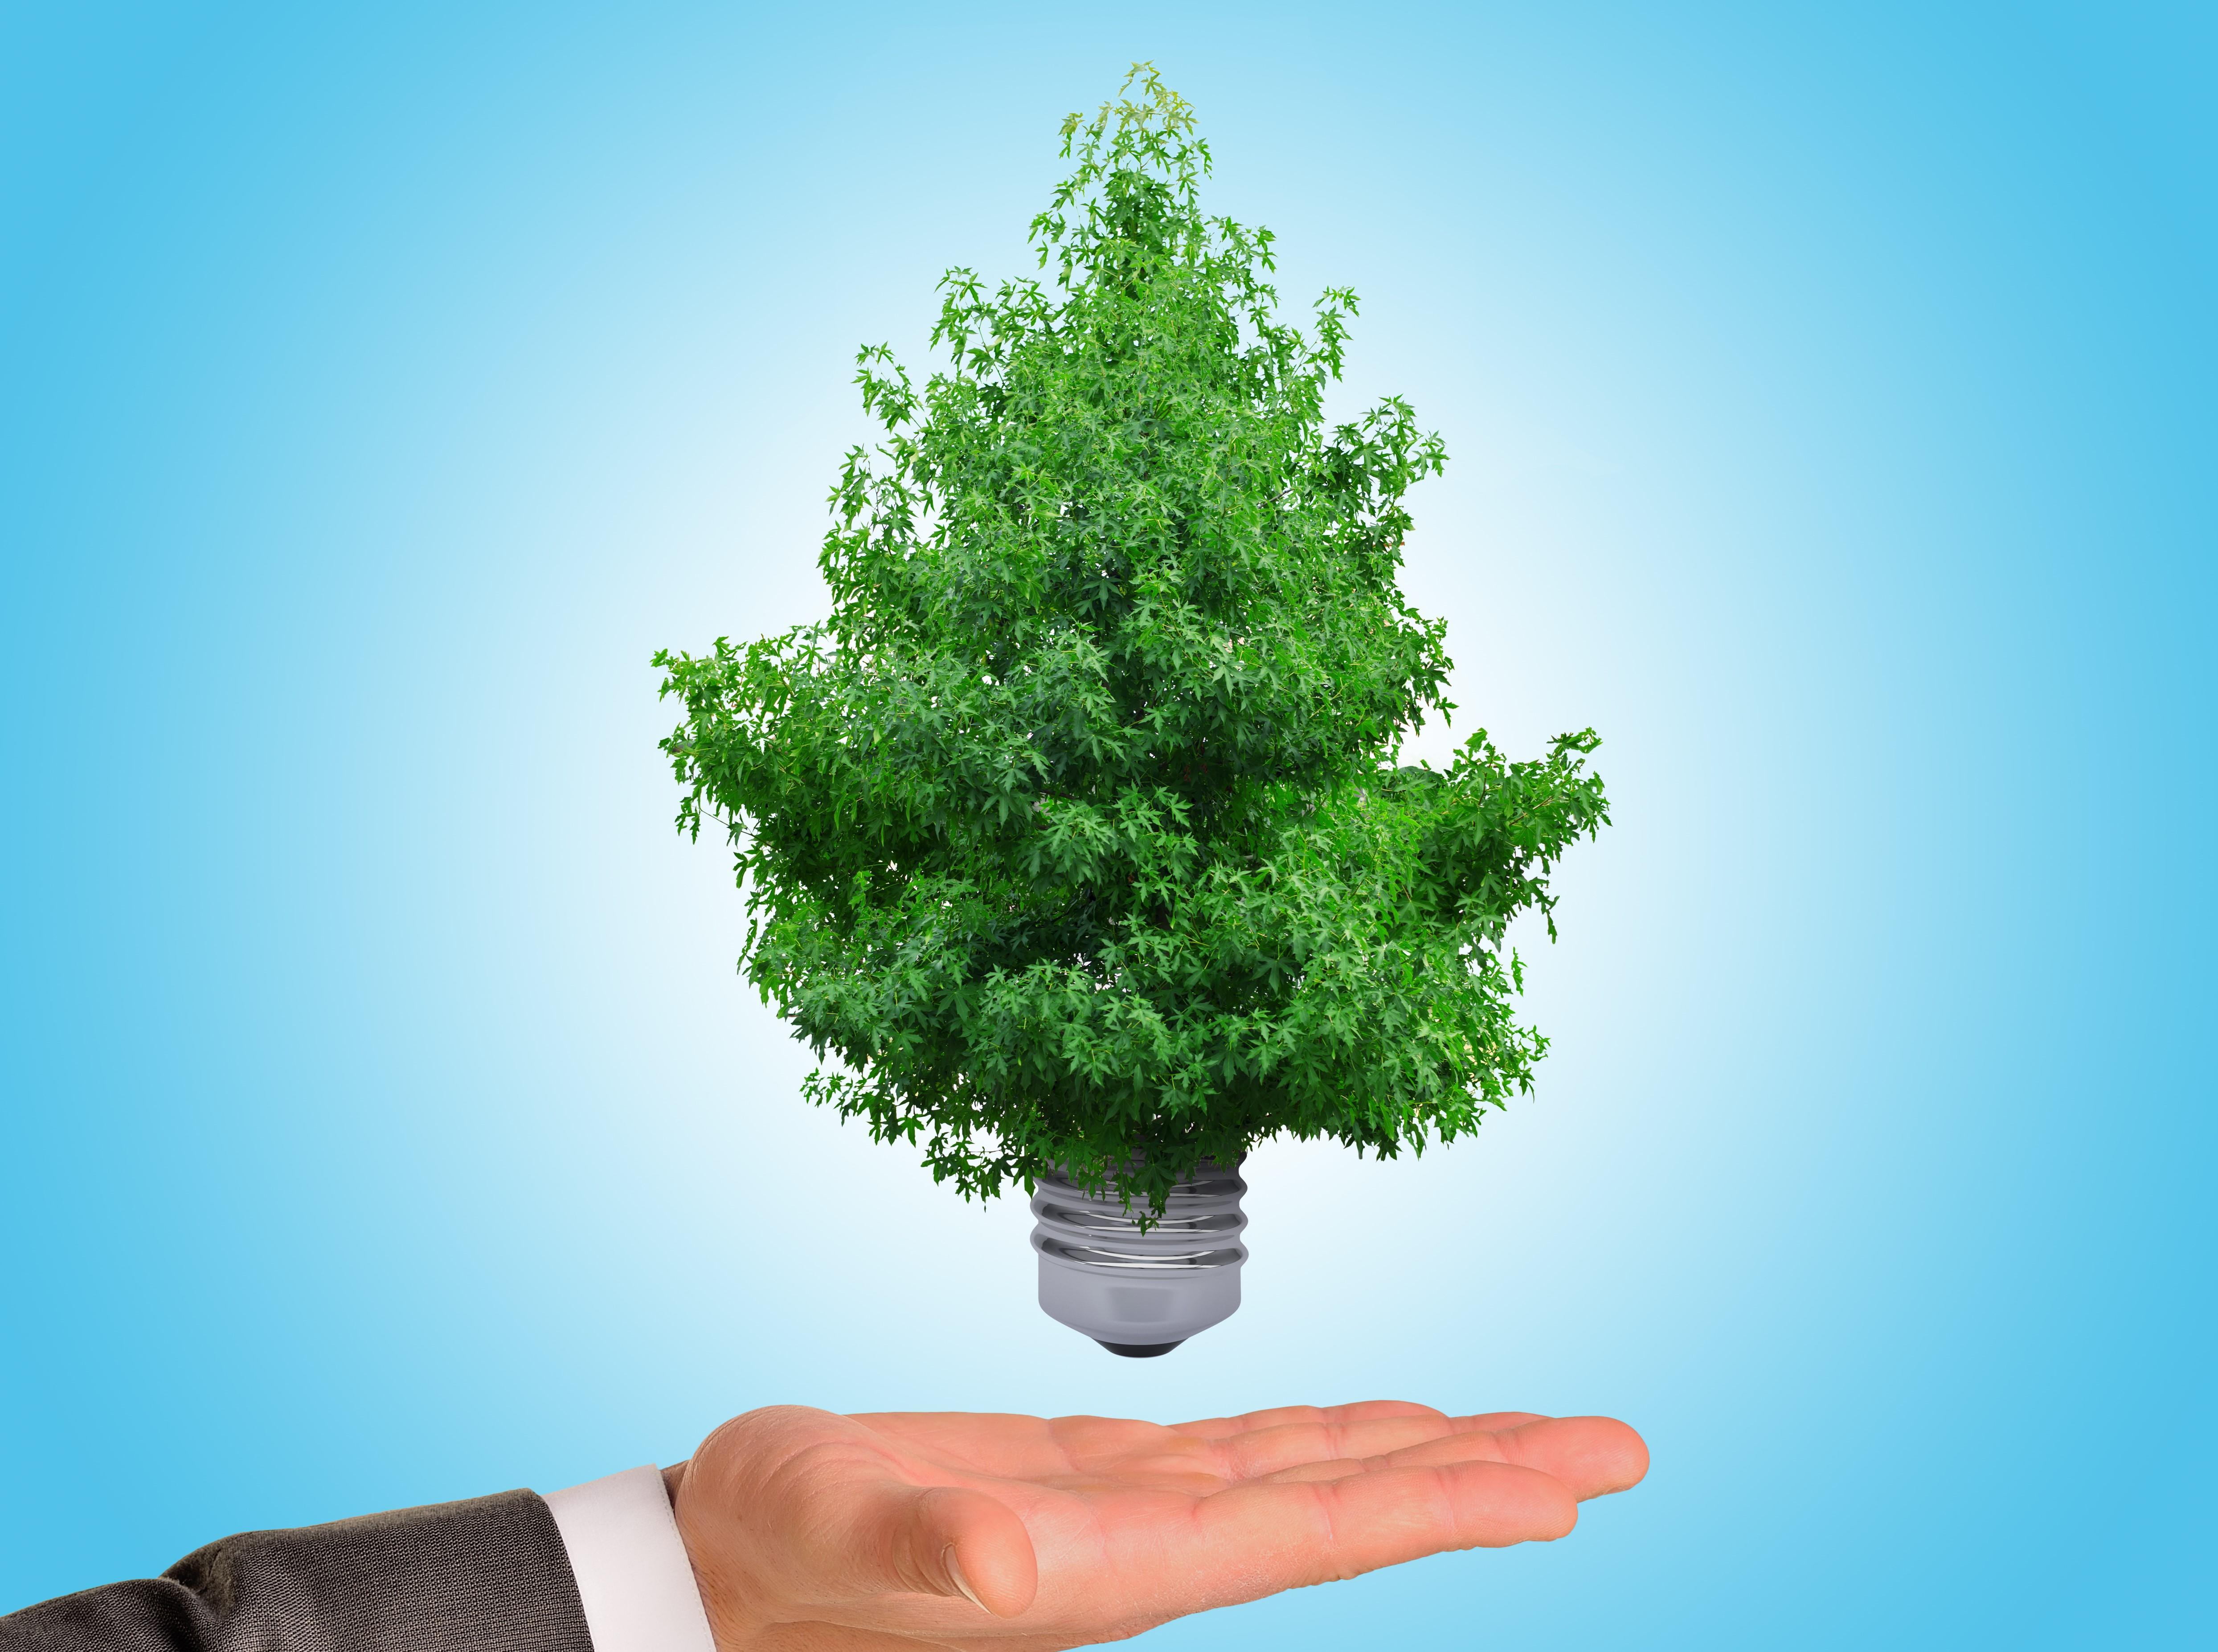 Anbud365: Tid for en formidabel kompetansesatsing for å få fart på grønne innkjøp